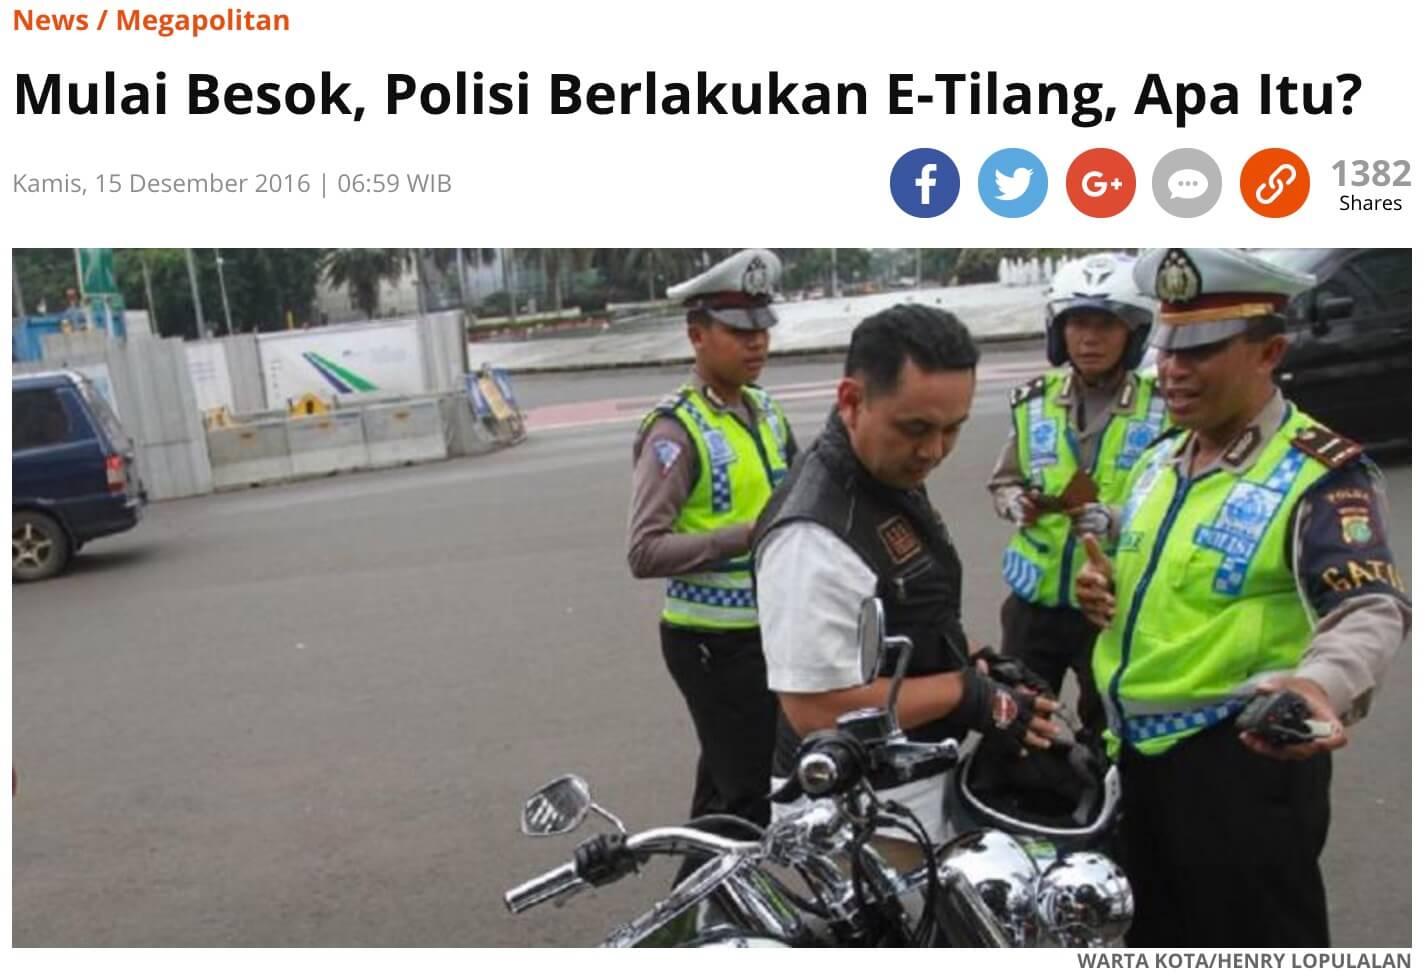 「明日から警察がE-Tilangをスタート。何それ?」と題する記事(インドネシアの主要メディアKompasより)